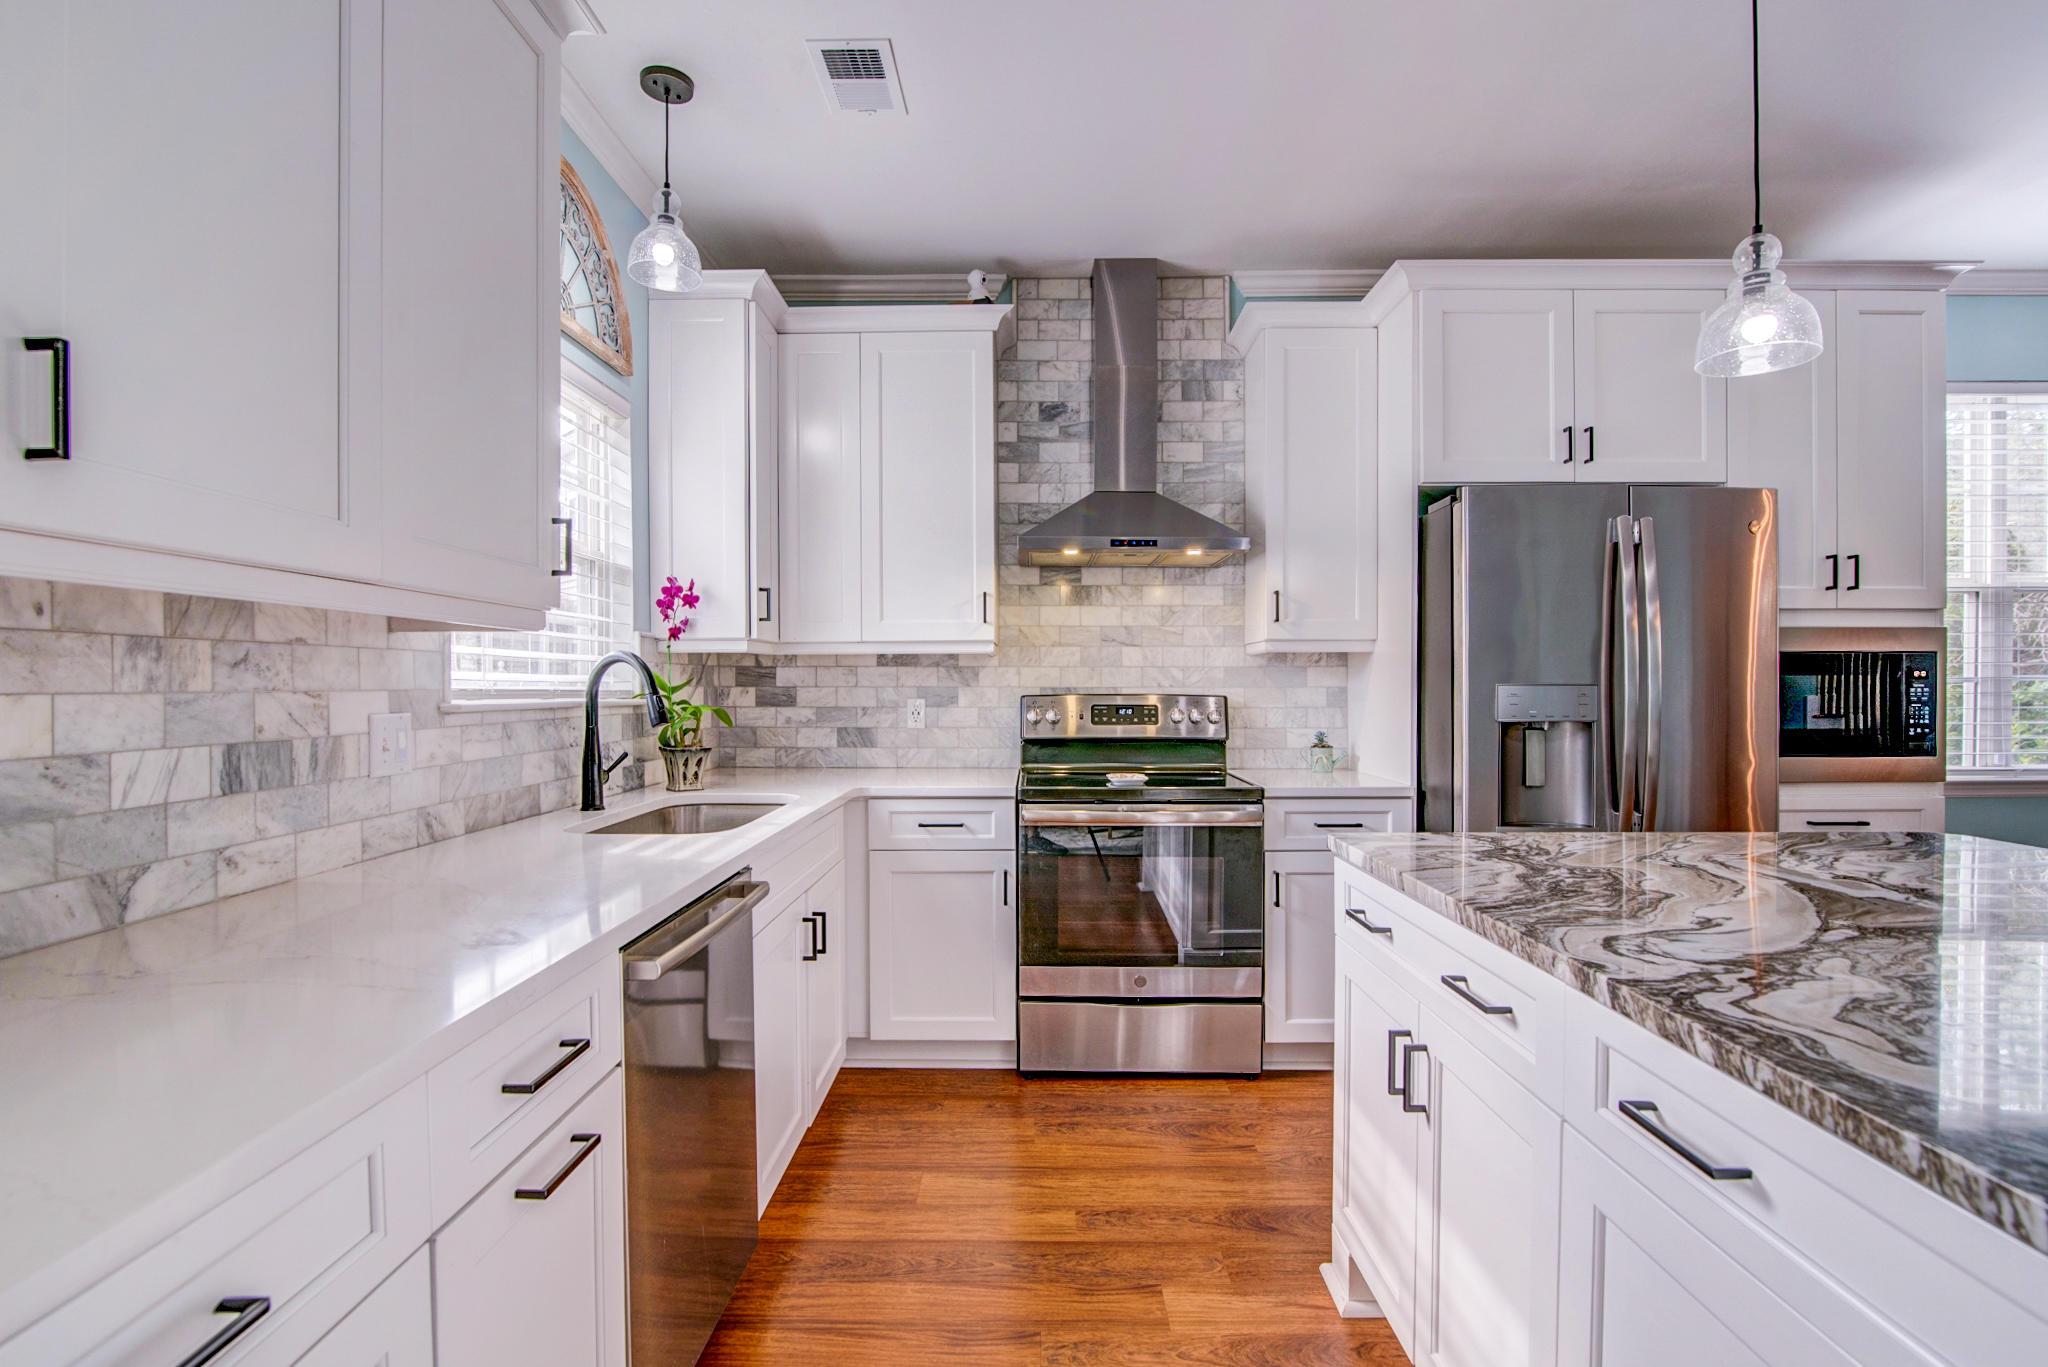 Jamestowne Village Homes For Sale - 1480 Swamp Fox, Charleston, SC - 10